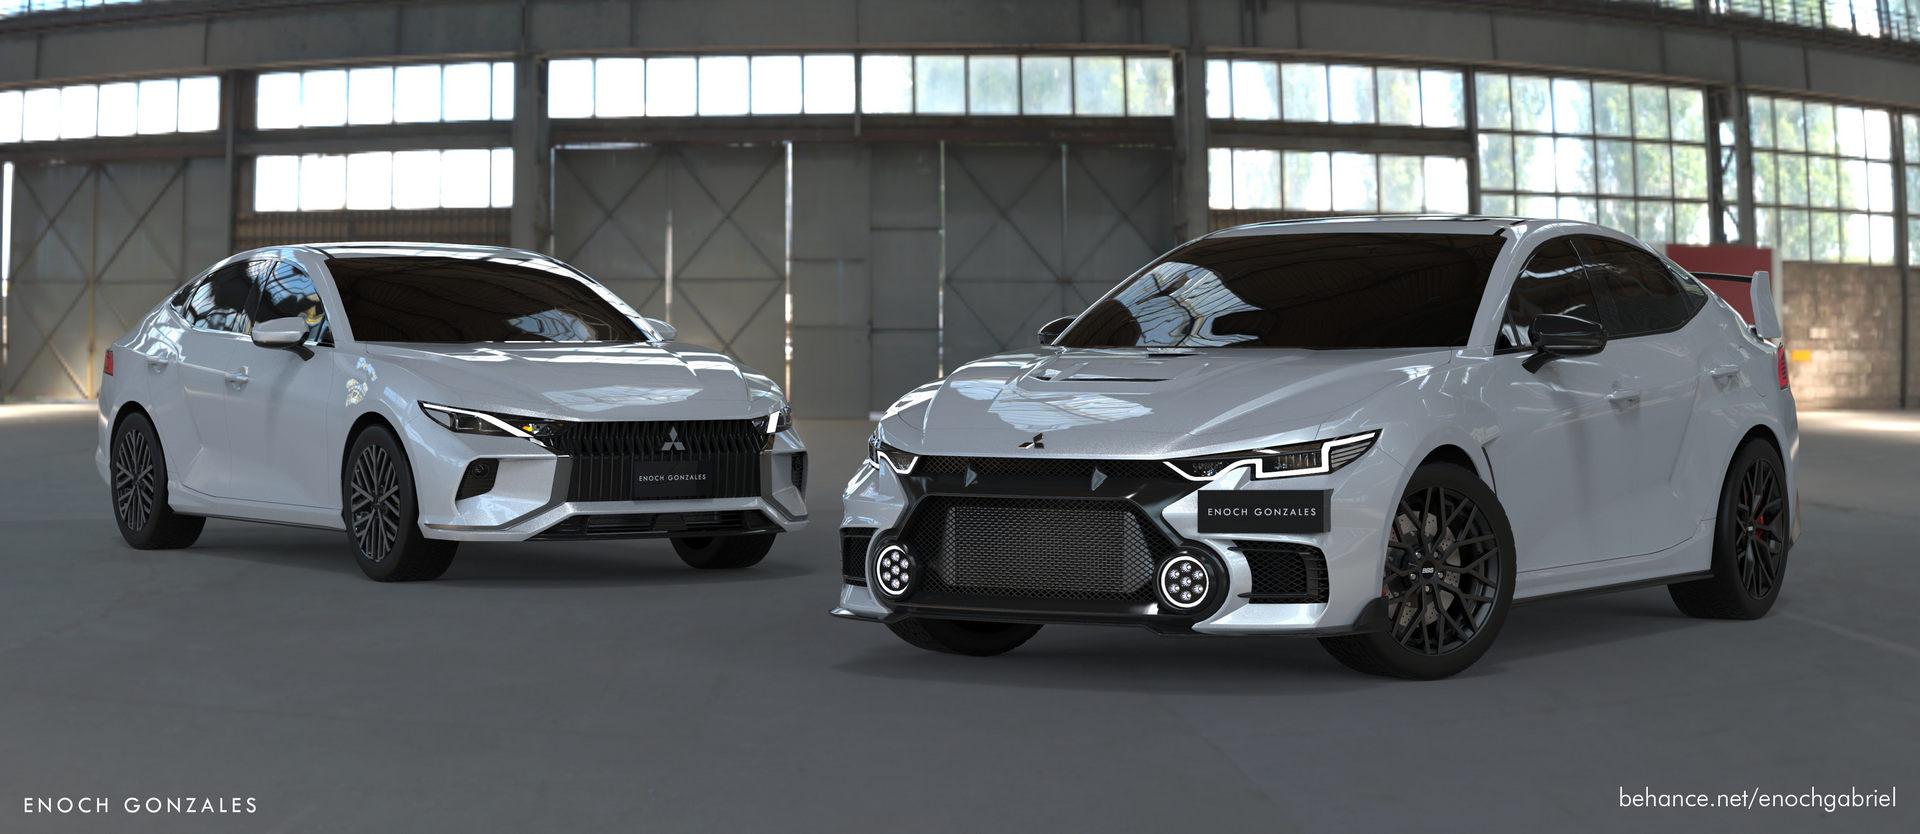 Mitsubishi-Lancer-Evo-XII-renderings-13